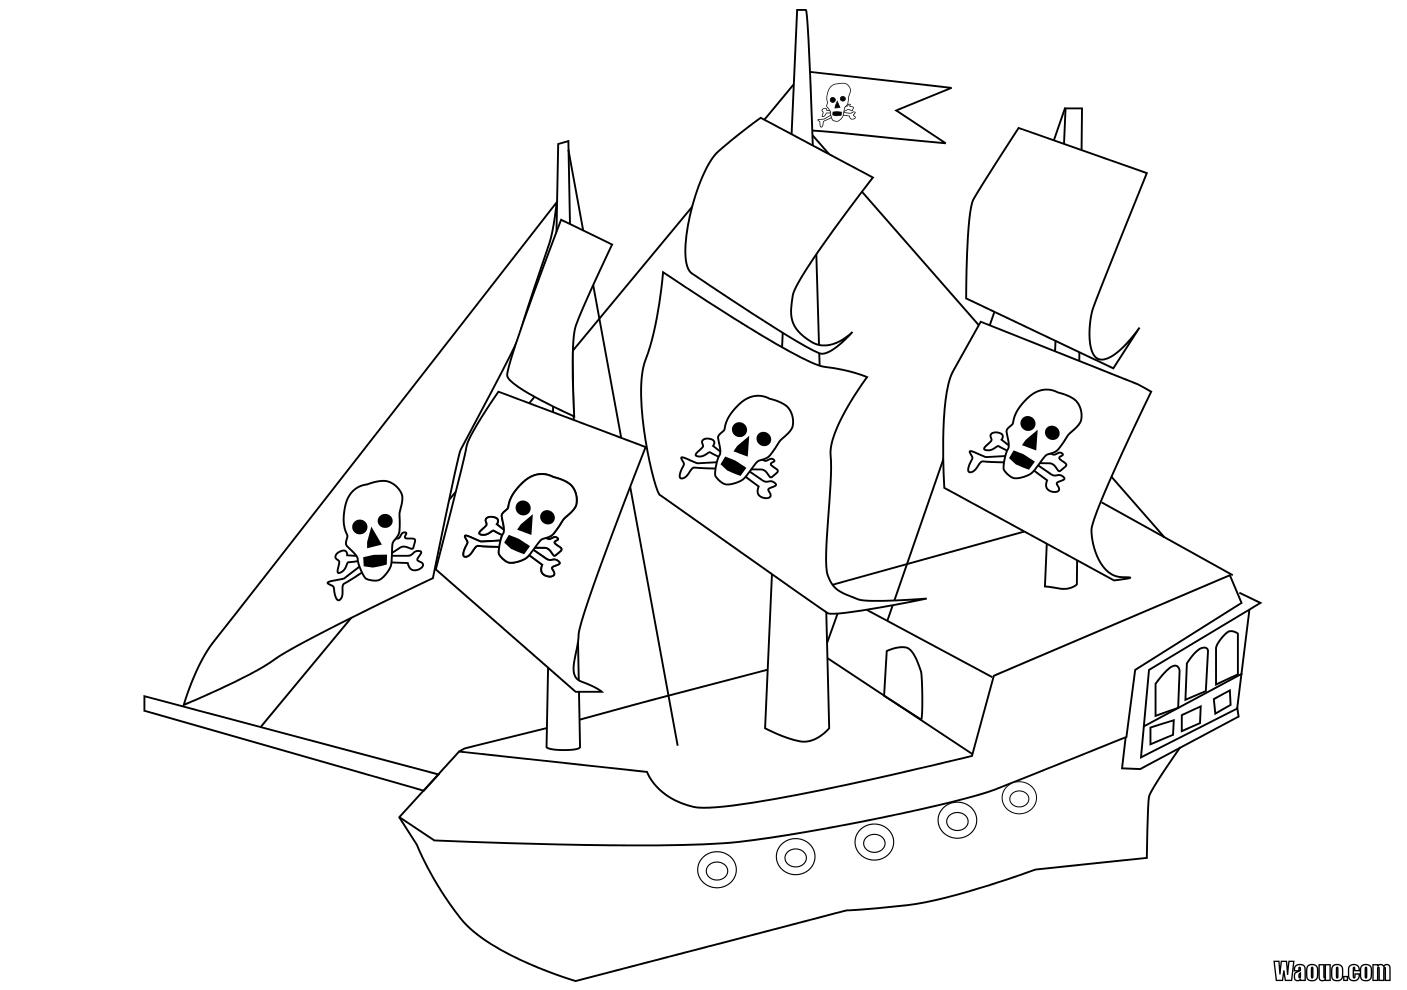 Coloriage bateau pirate imprimer et colorier - Coloriage bateau a imprimer ...